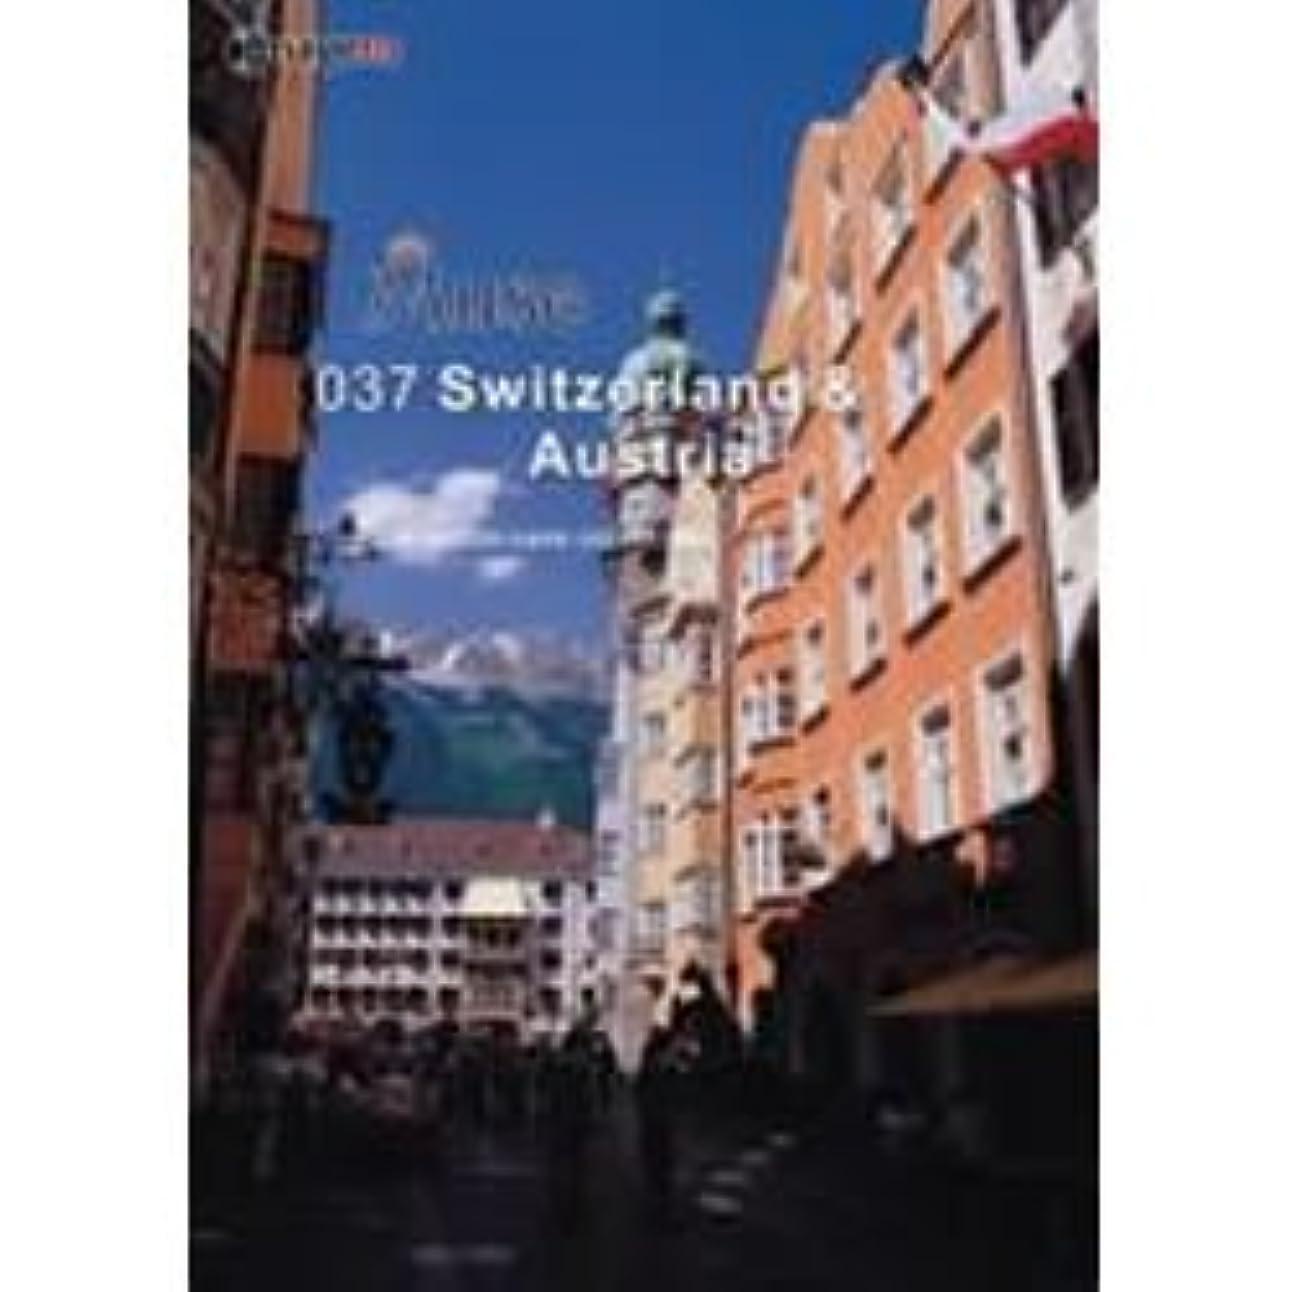 規則性弓テクトニックミューズ Vol.37 スイス&オーストリア紀行